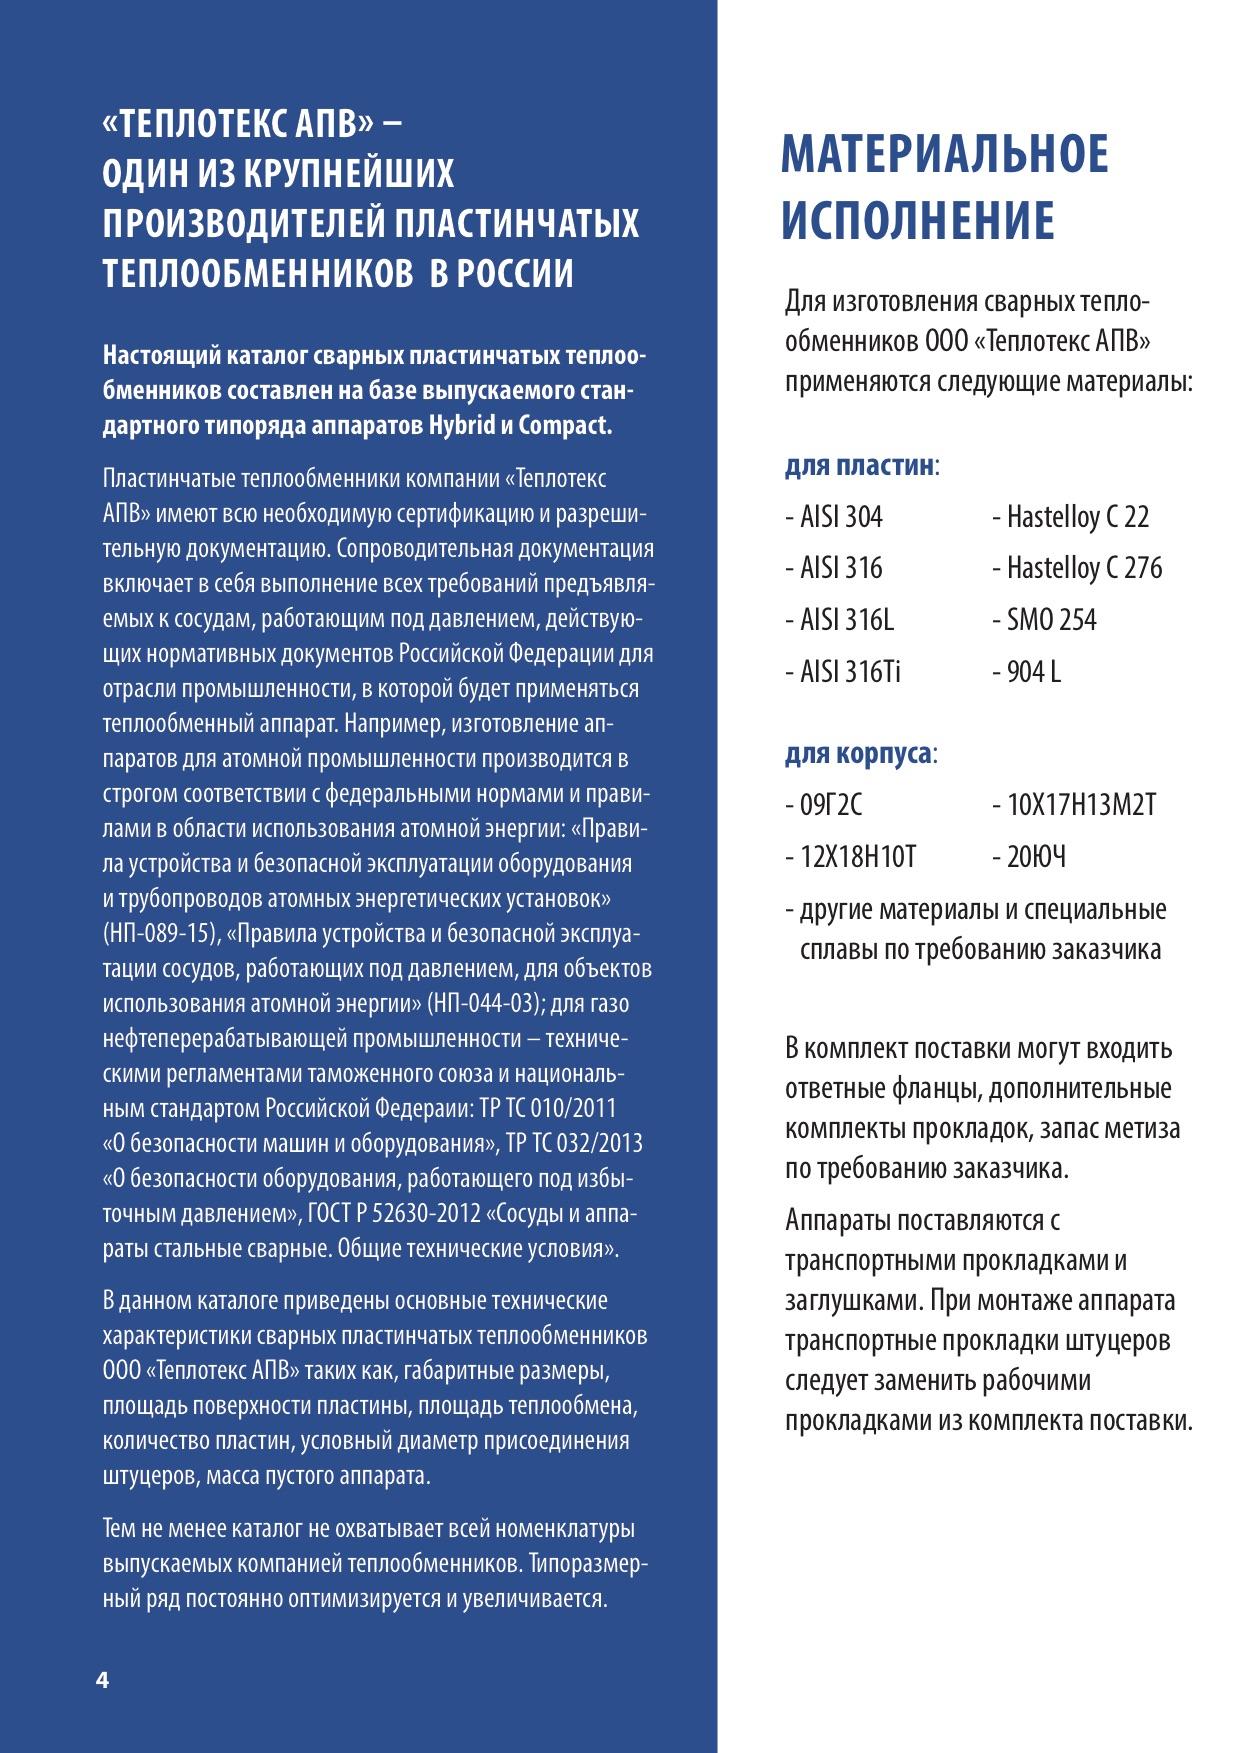 Пластины теплообменника Теплотекс 200C Ноябрьск теплообменник автокад